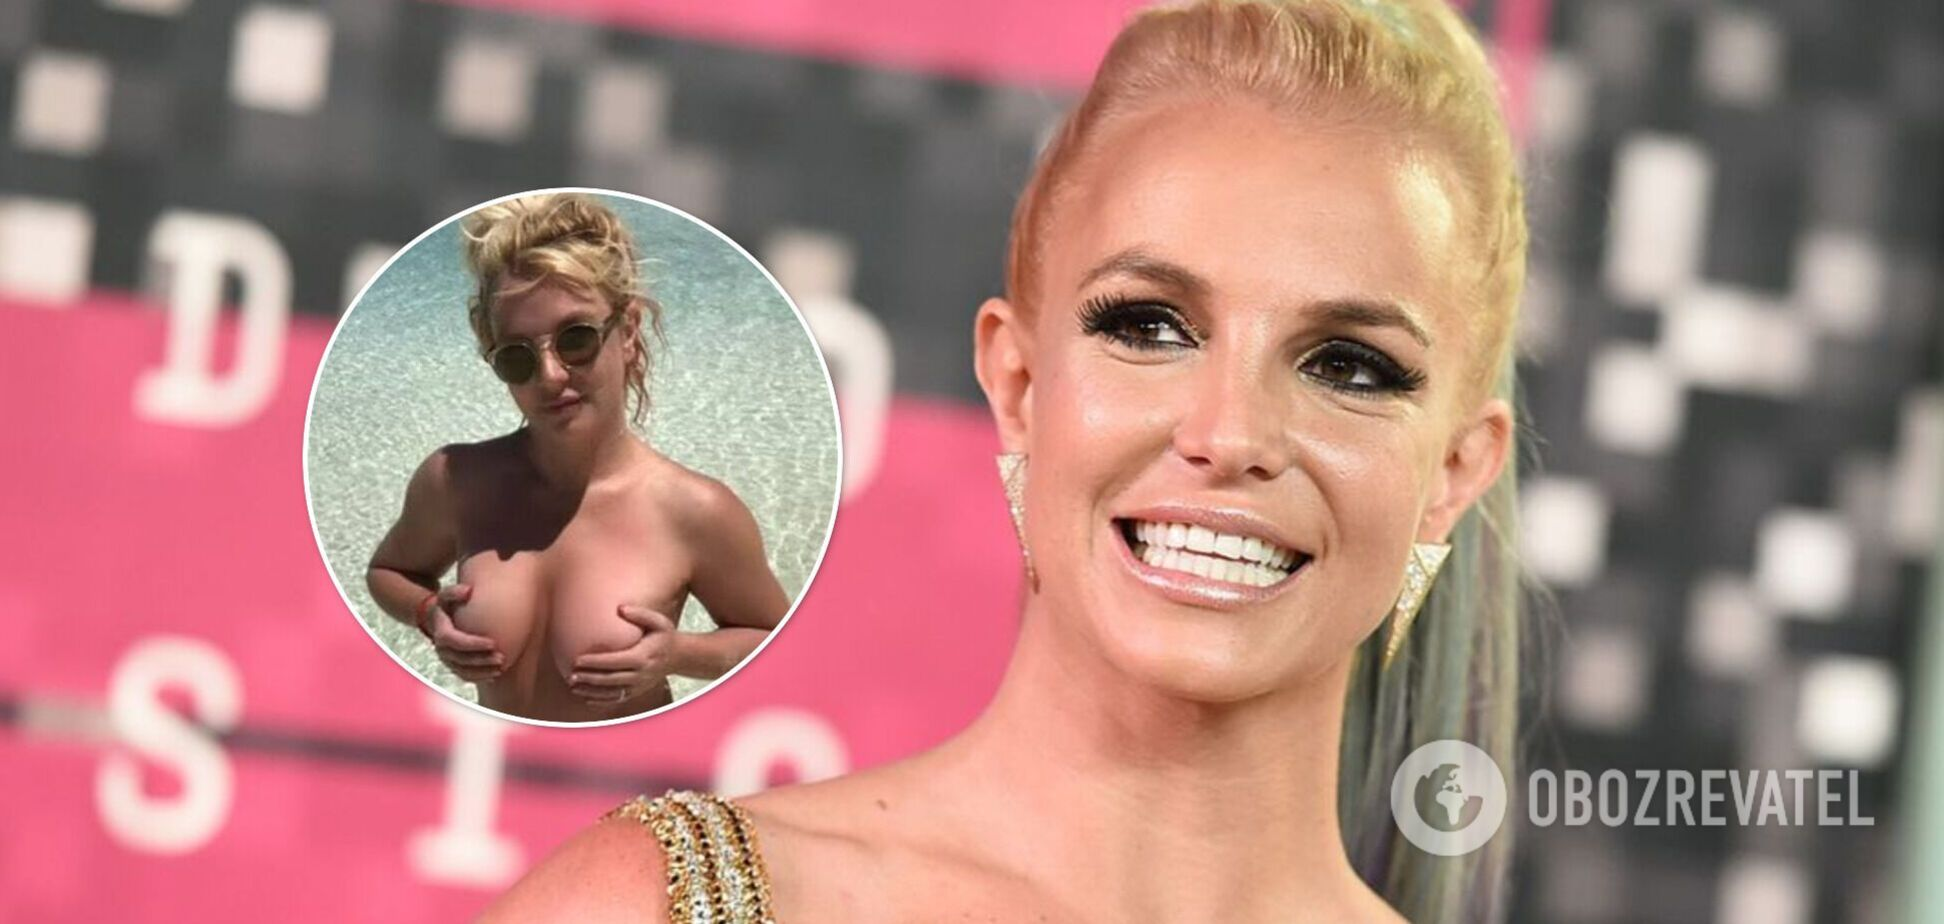 Бритни Спирс устроила голую фотосессию и засветила пышную грудь. Фото